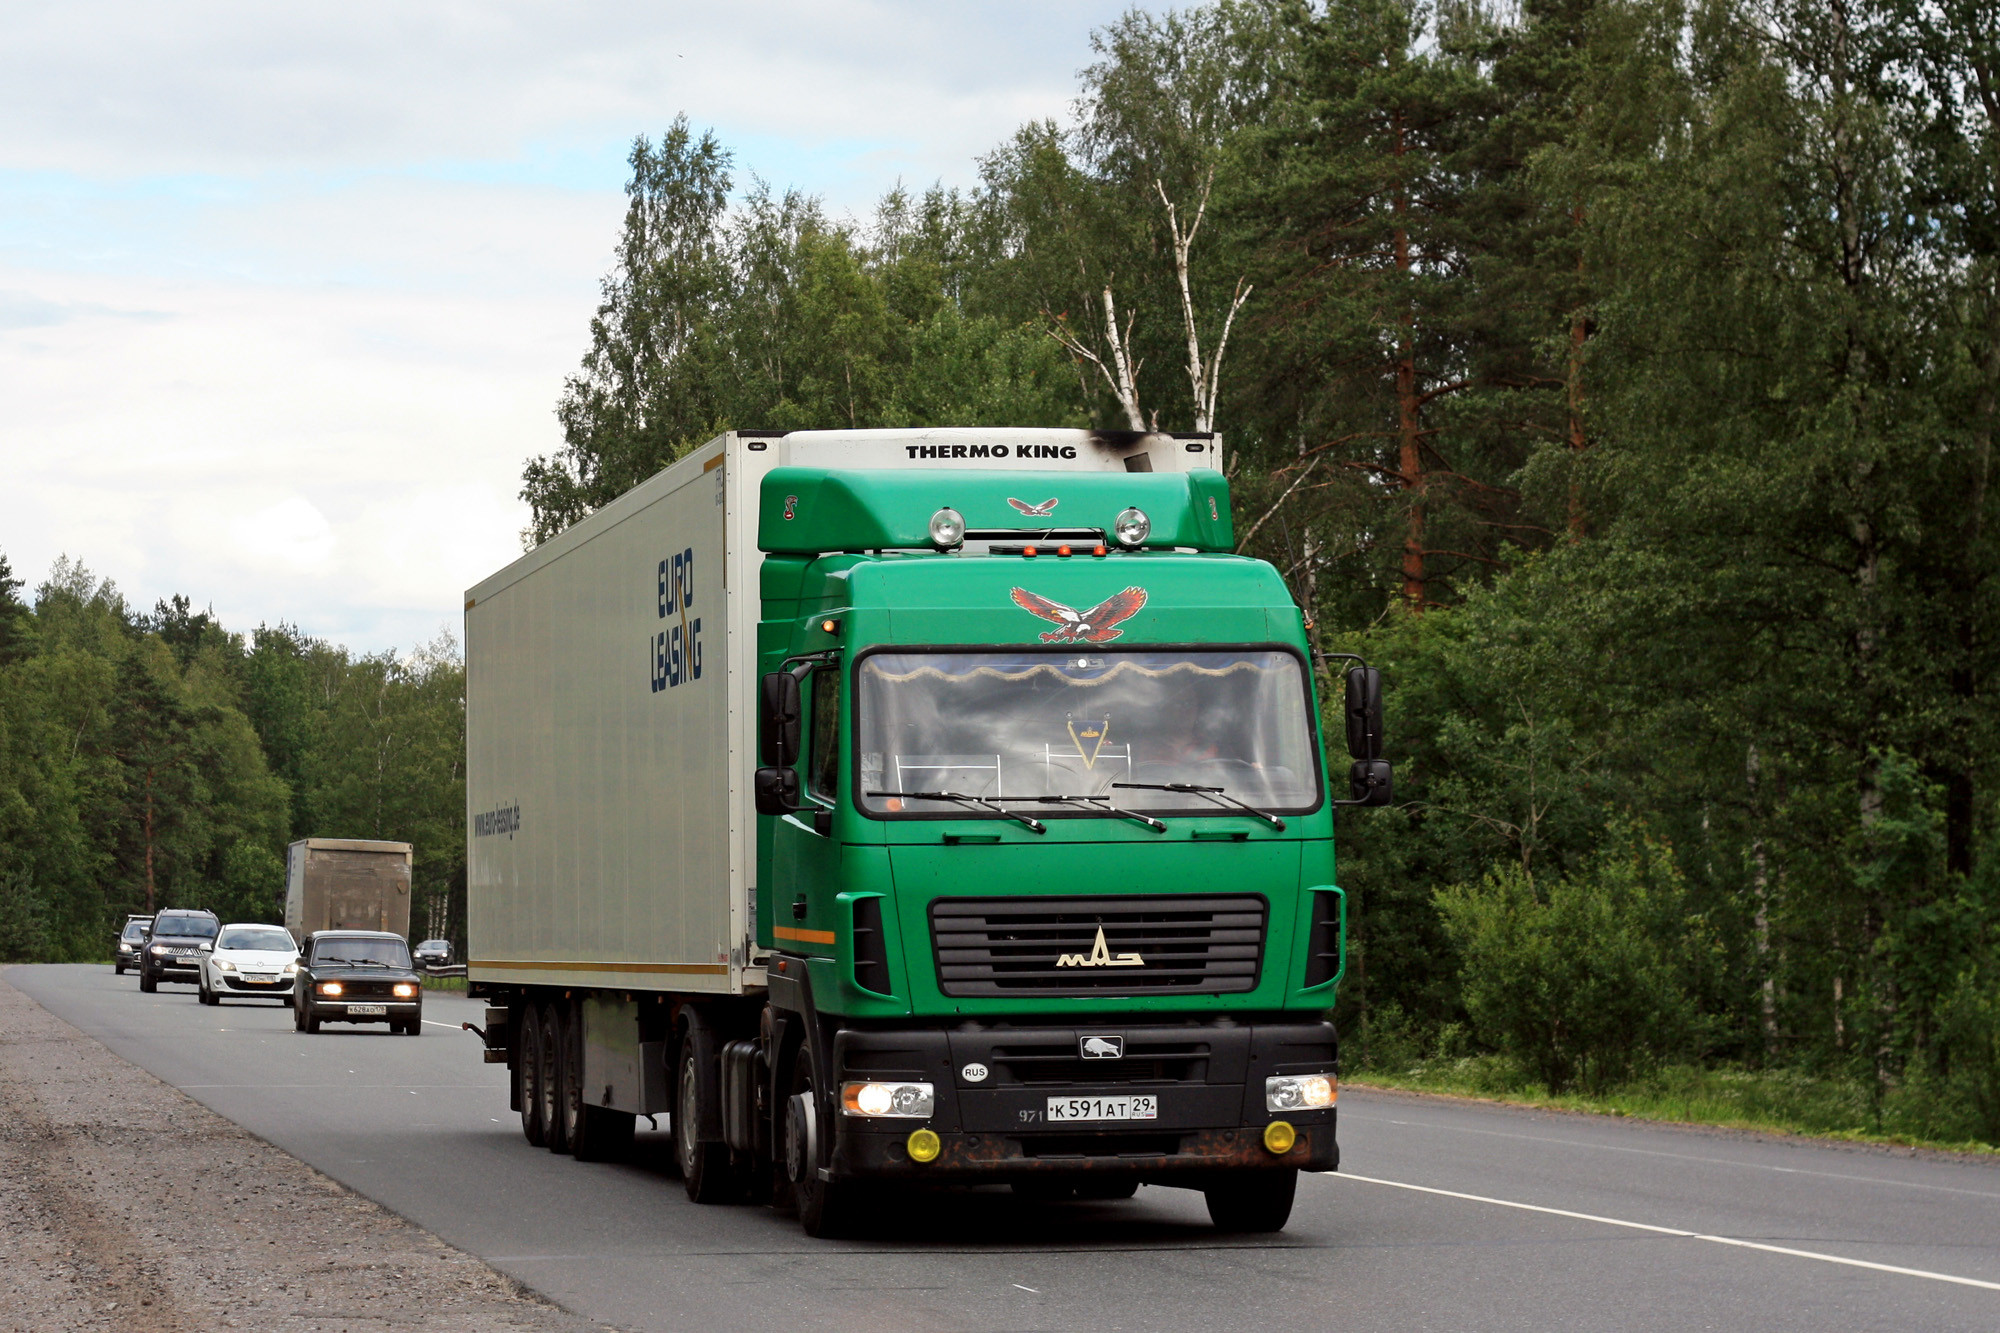 ВСамаре около «ДиПорта» фургон МАЗ насмерть сбил пенсионера